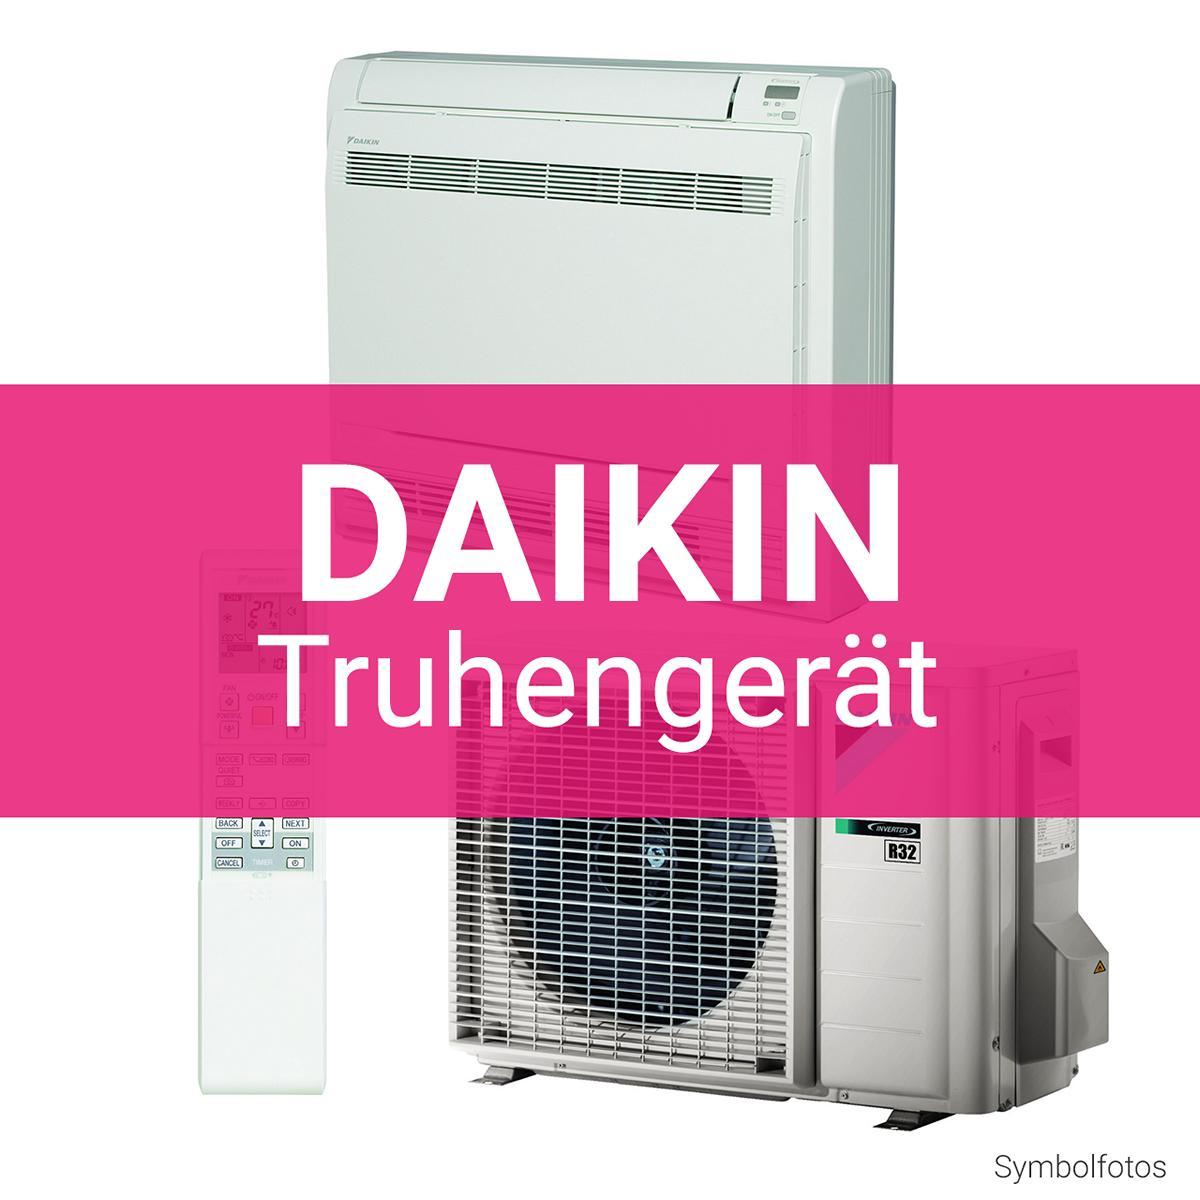 Daikin Truhengerät R32